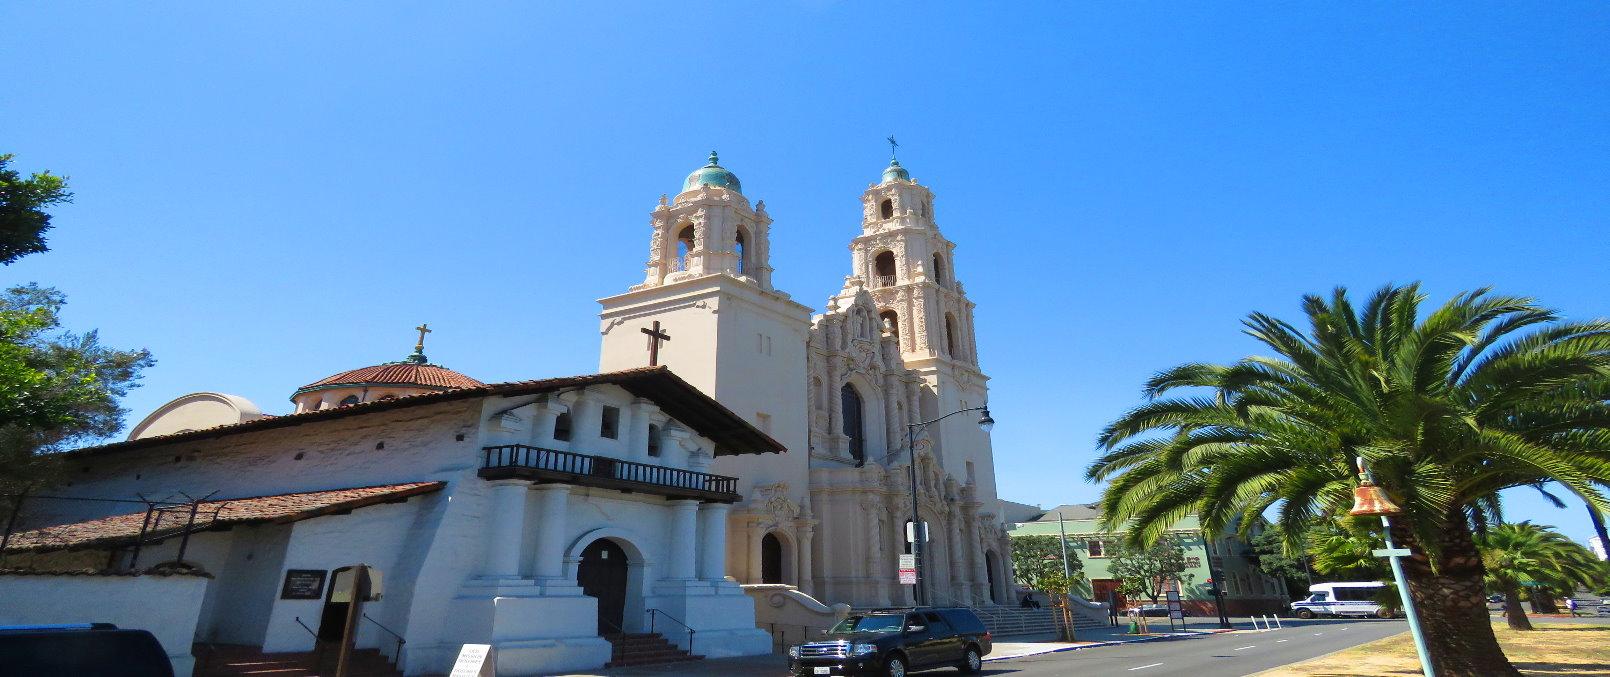 la_mejor_visita_guiada_privada_de_medio_día_por_los_mejores_lugares_de_interés_turístico_de_san_francisco